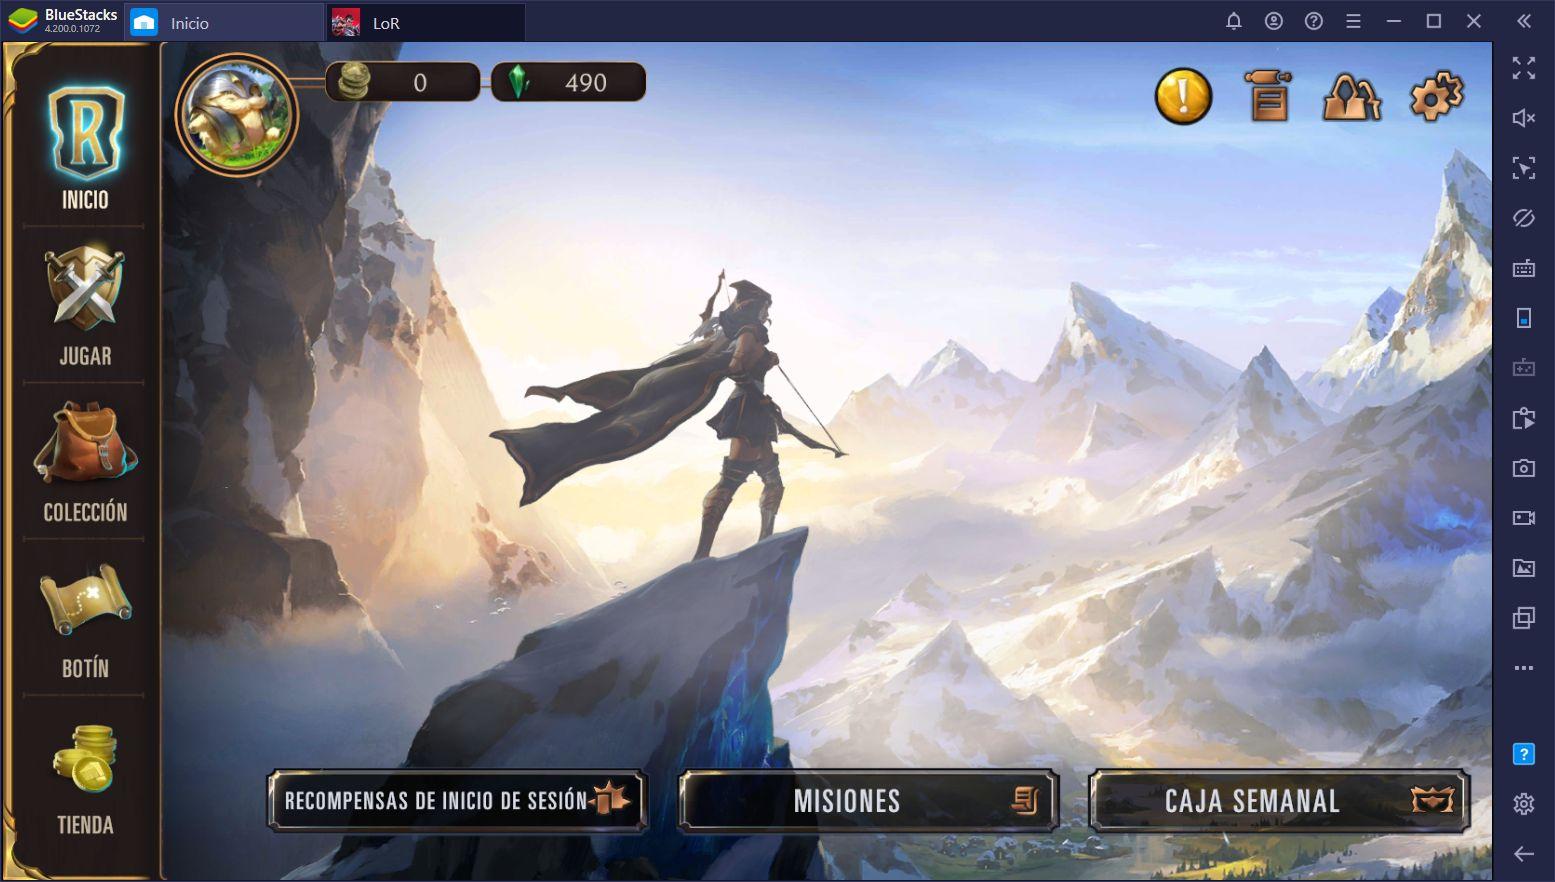 Legends of Runeterra de Riot Games: ¿Cómo Comenzar en Este Juego?